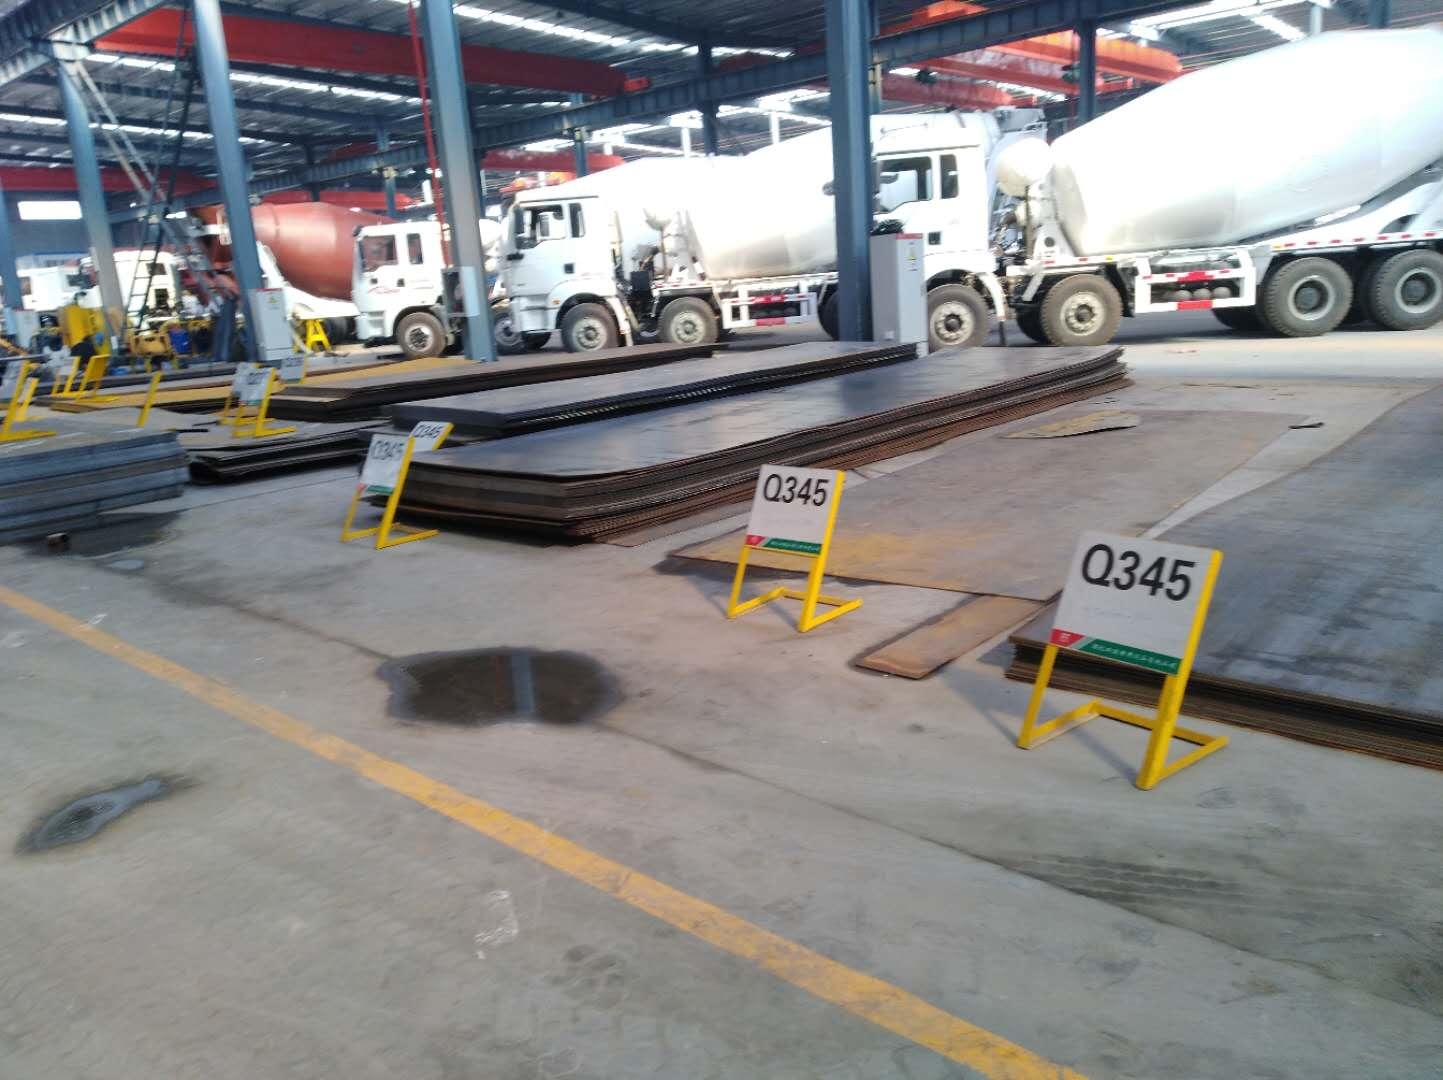 车间钢材摆放区域